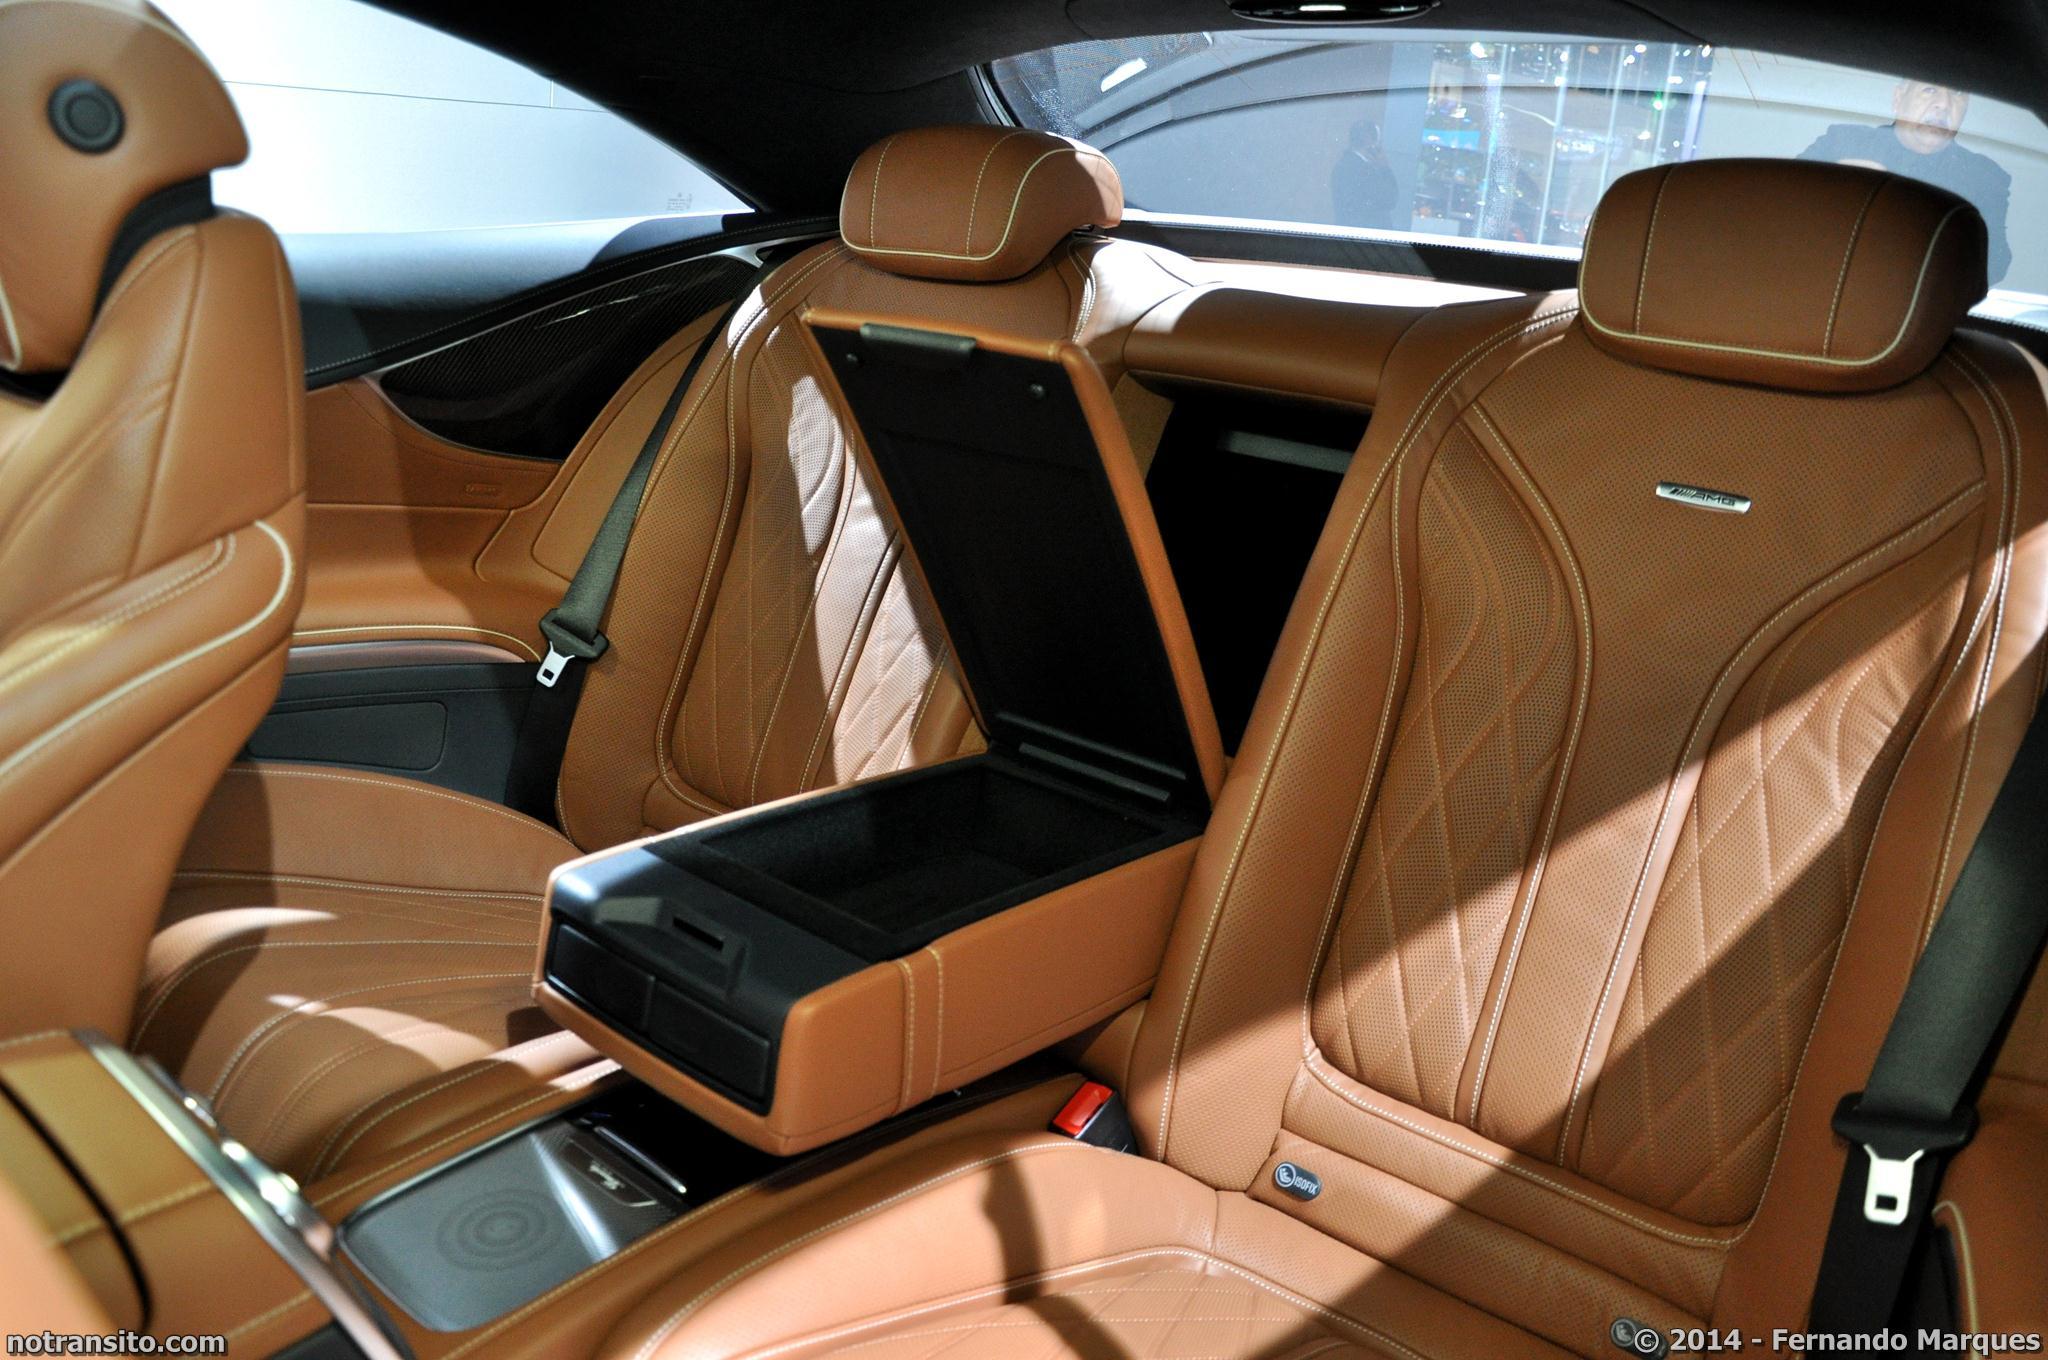 Mercedes-Benz S 63 AMG Coupé, Salão do Automóvel 2014